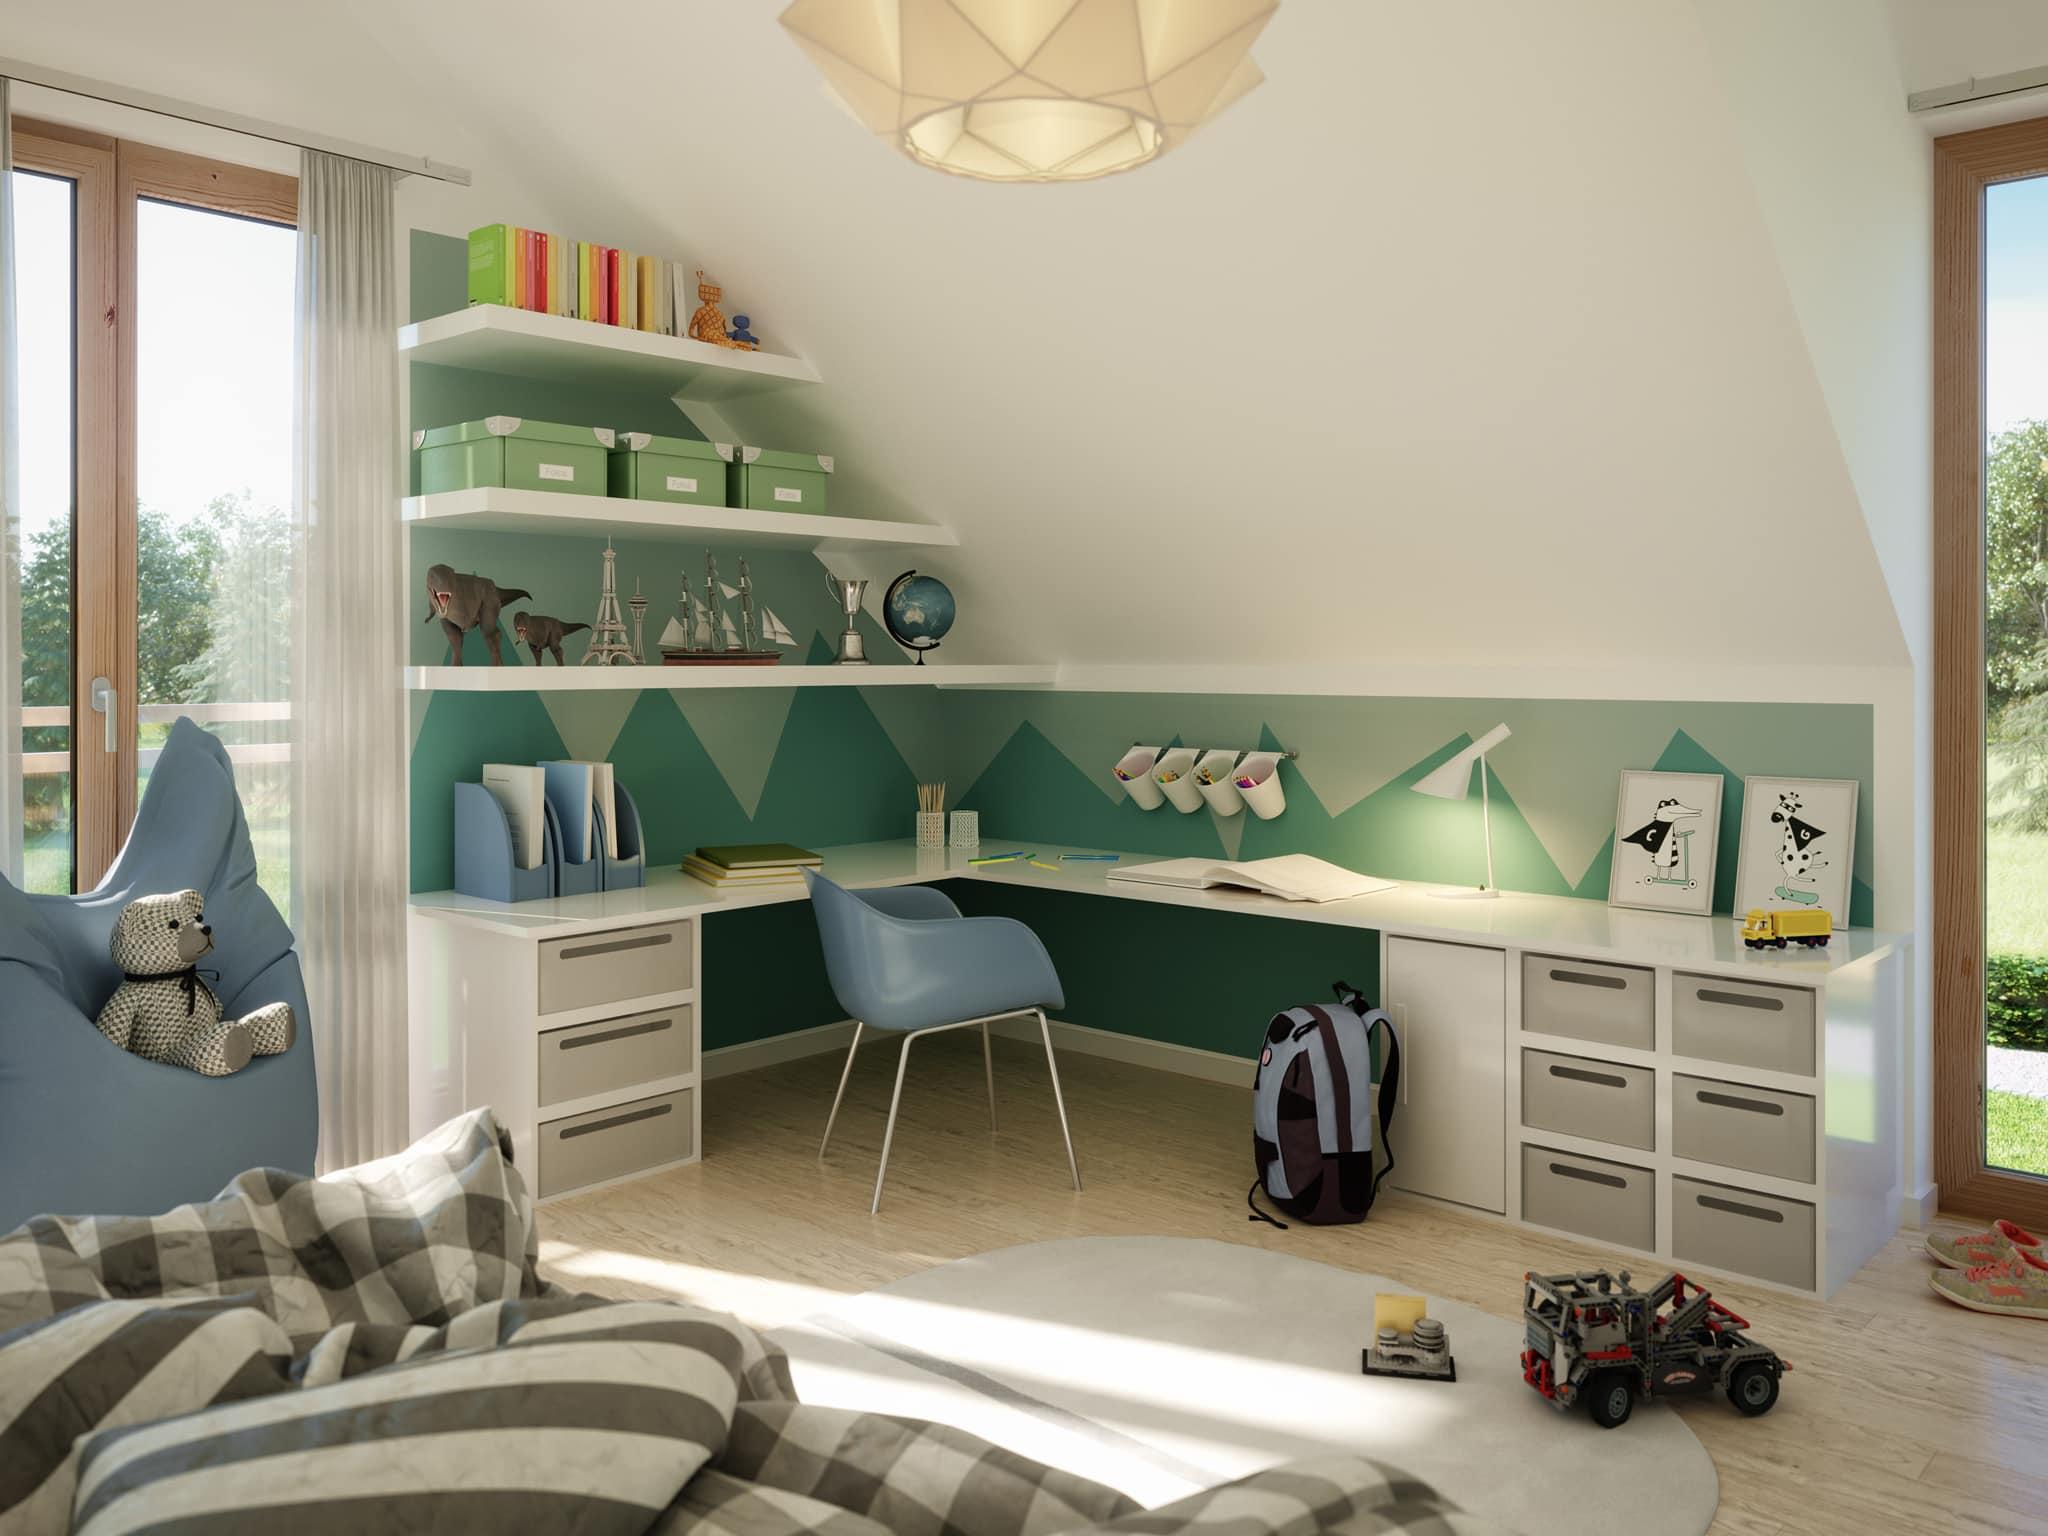 Kinderzimmer Ideen mit Schreibtisch unter Dachschäge - Inneneinrichtung Fertighaus Living Haus SUNSHINE 154 V3 - HausbauDirekt.de